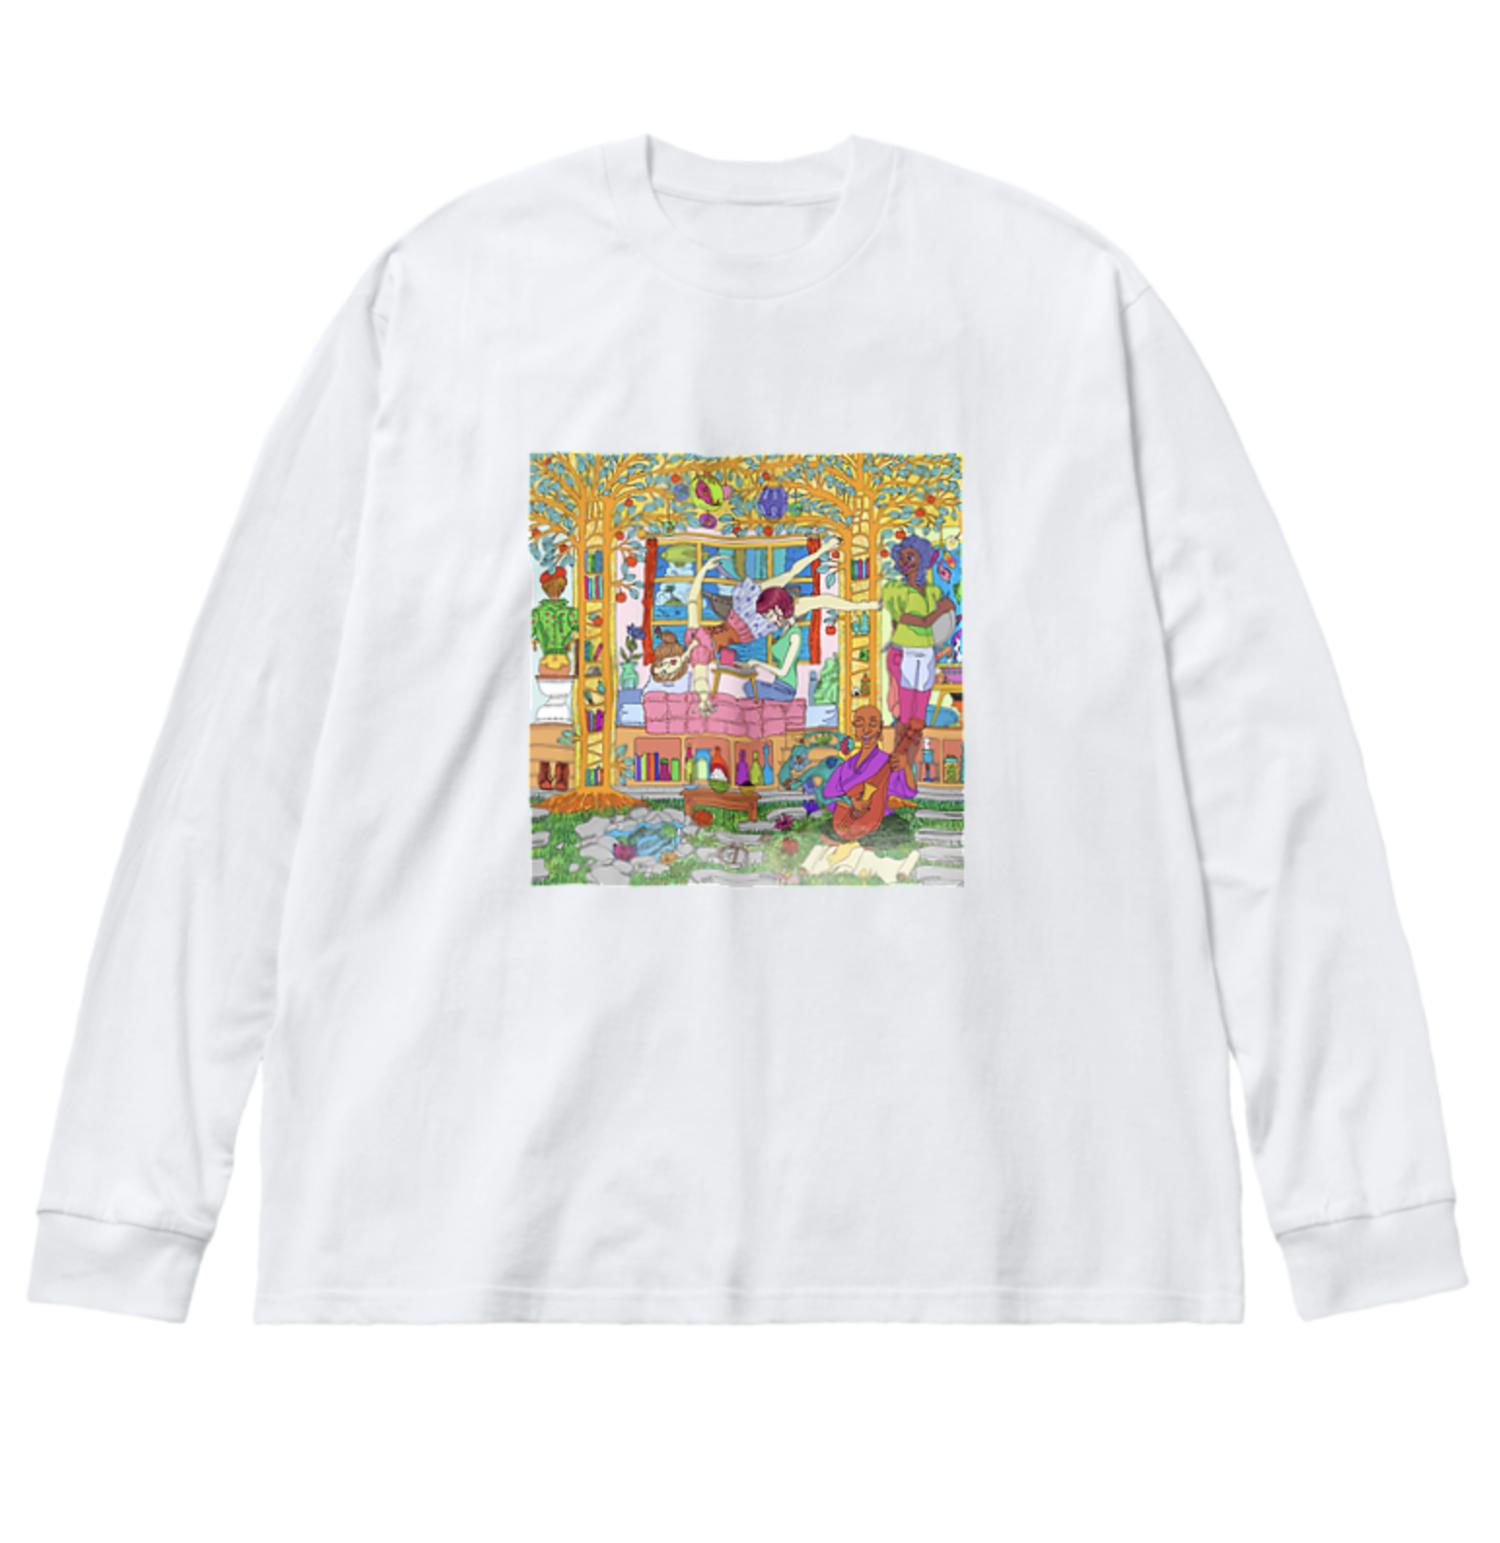 21. ビッグシルエットロングスリーブTシャツ